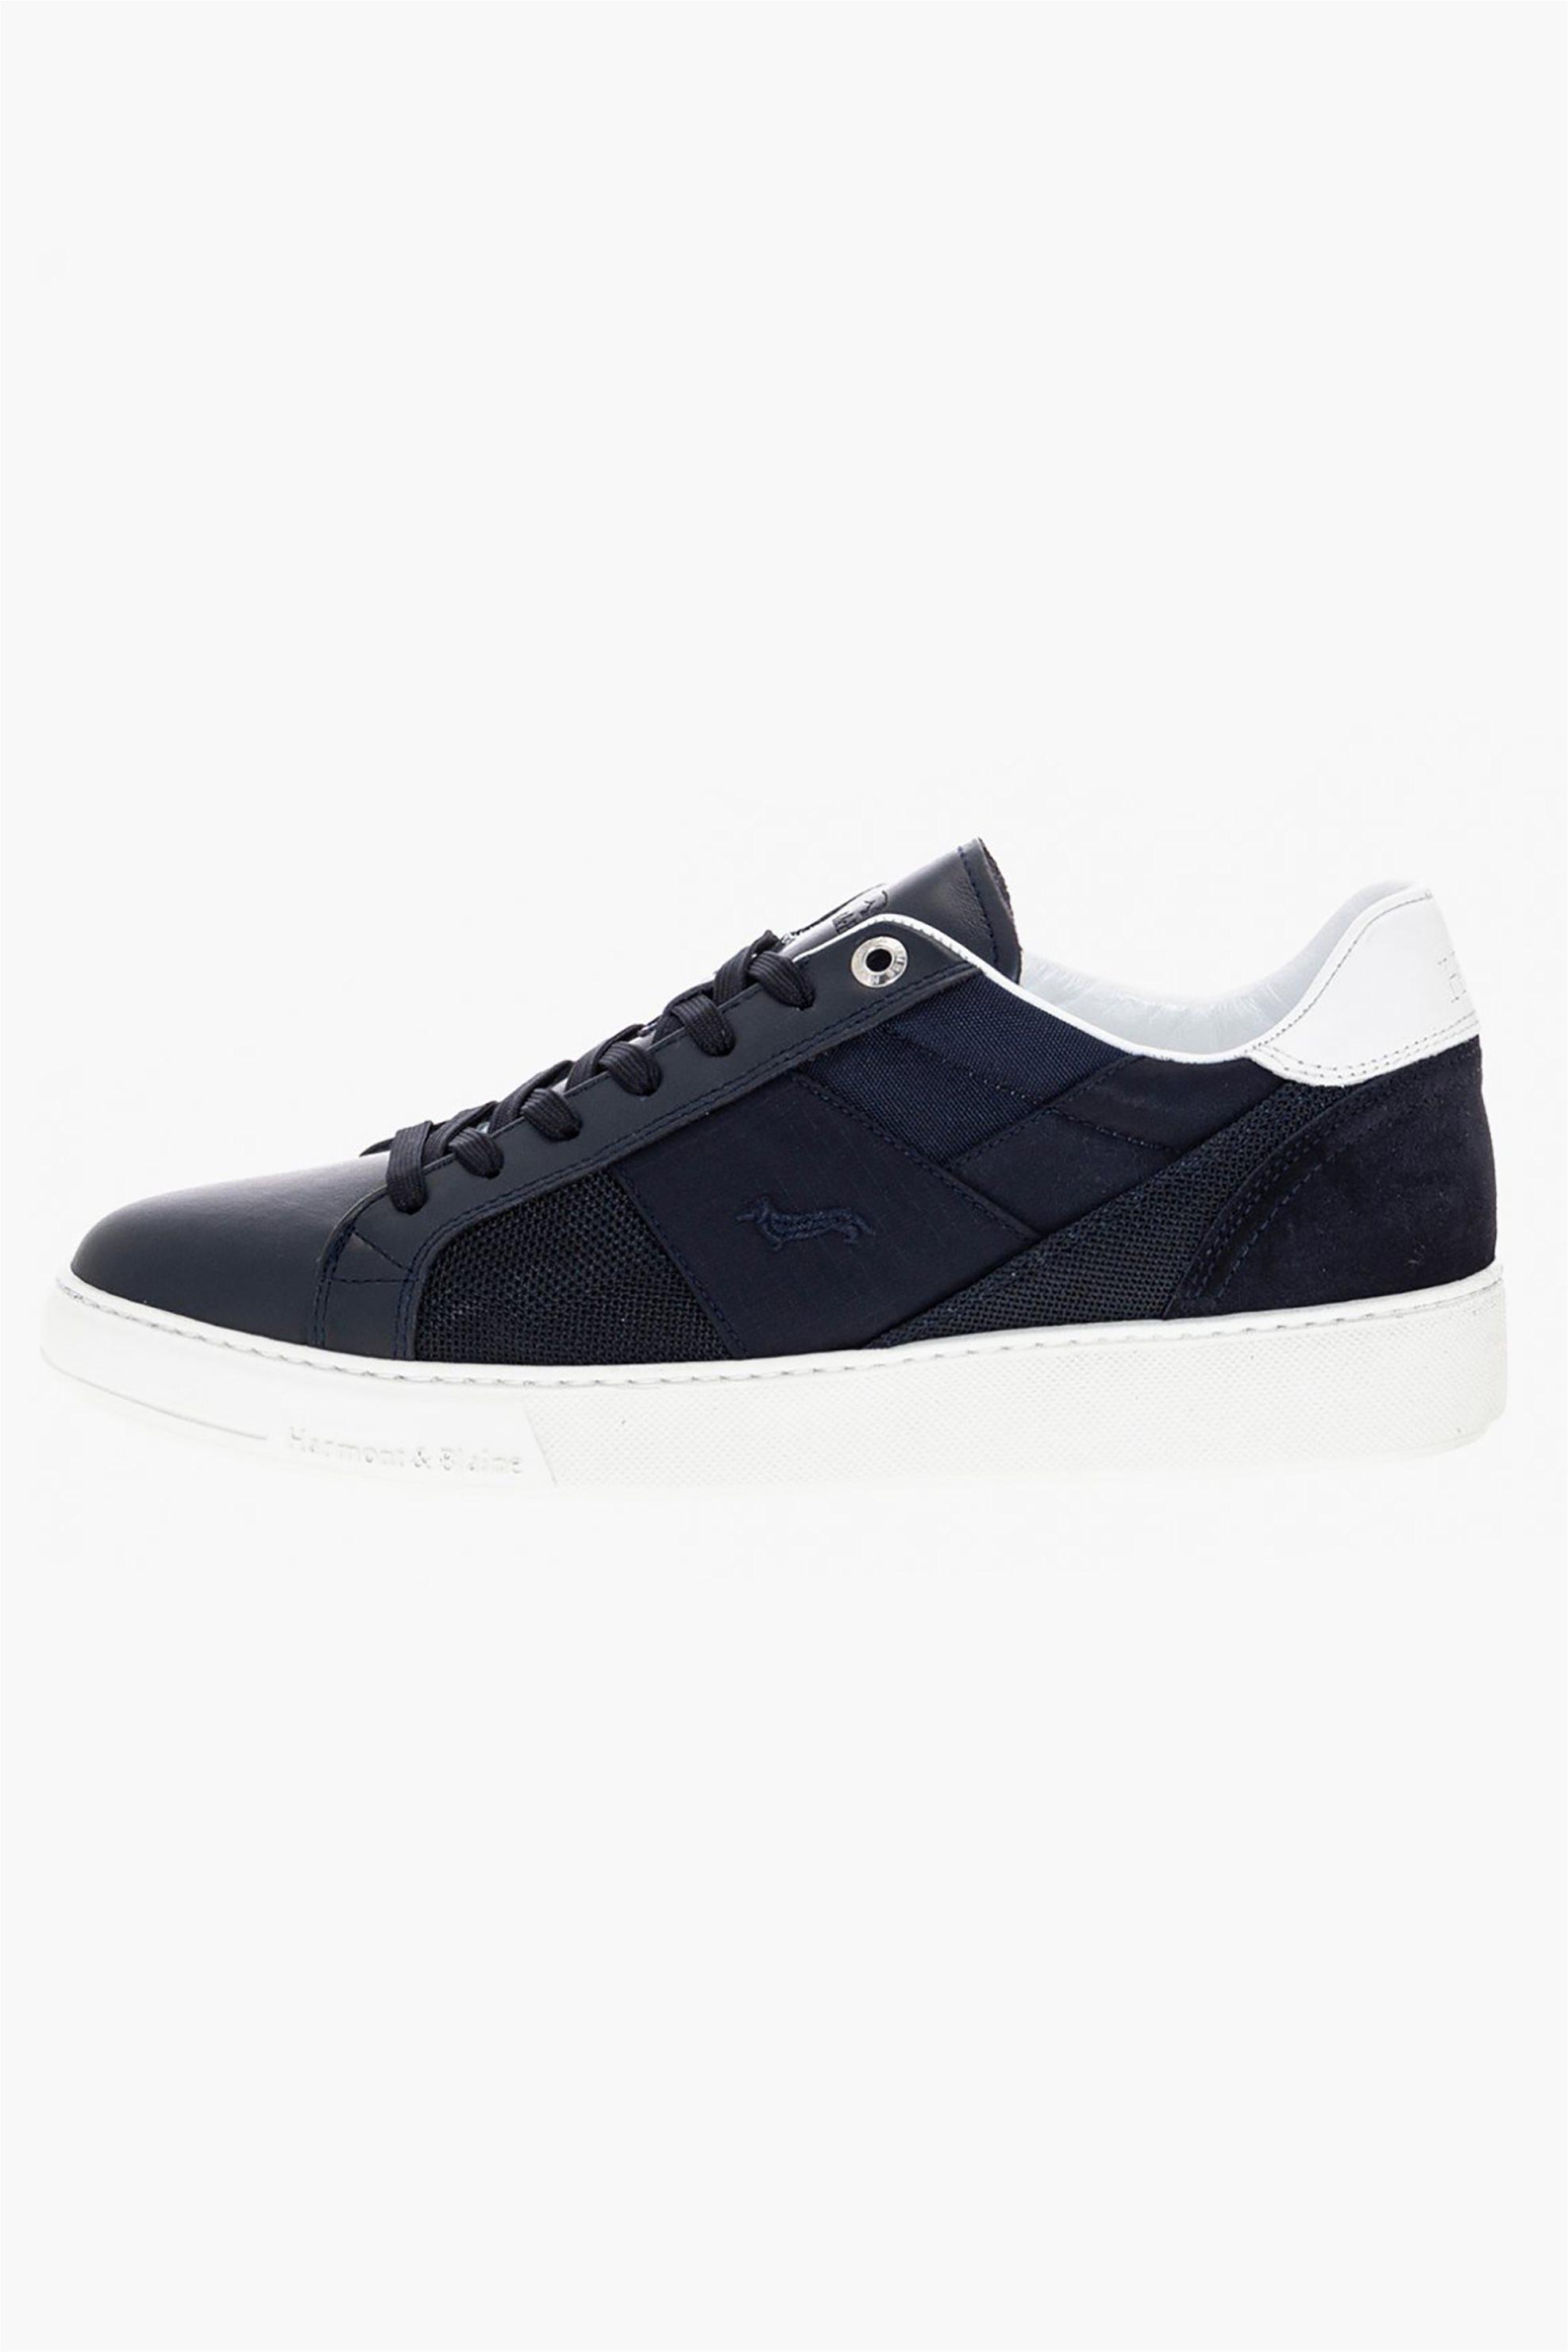 Harmont & Blaine ανδρικά sneakers με suede λεπτομέρεια – EFM201032-6160 – Μπλε Σκούρο